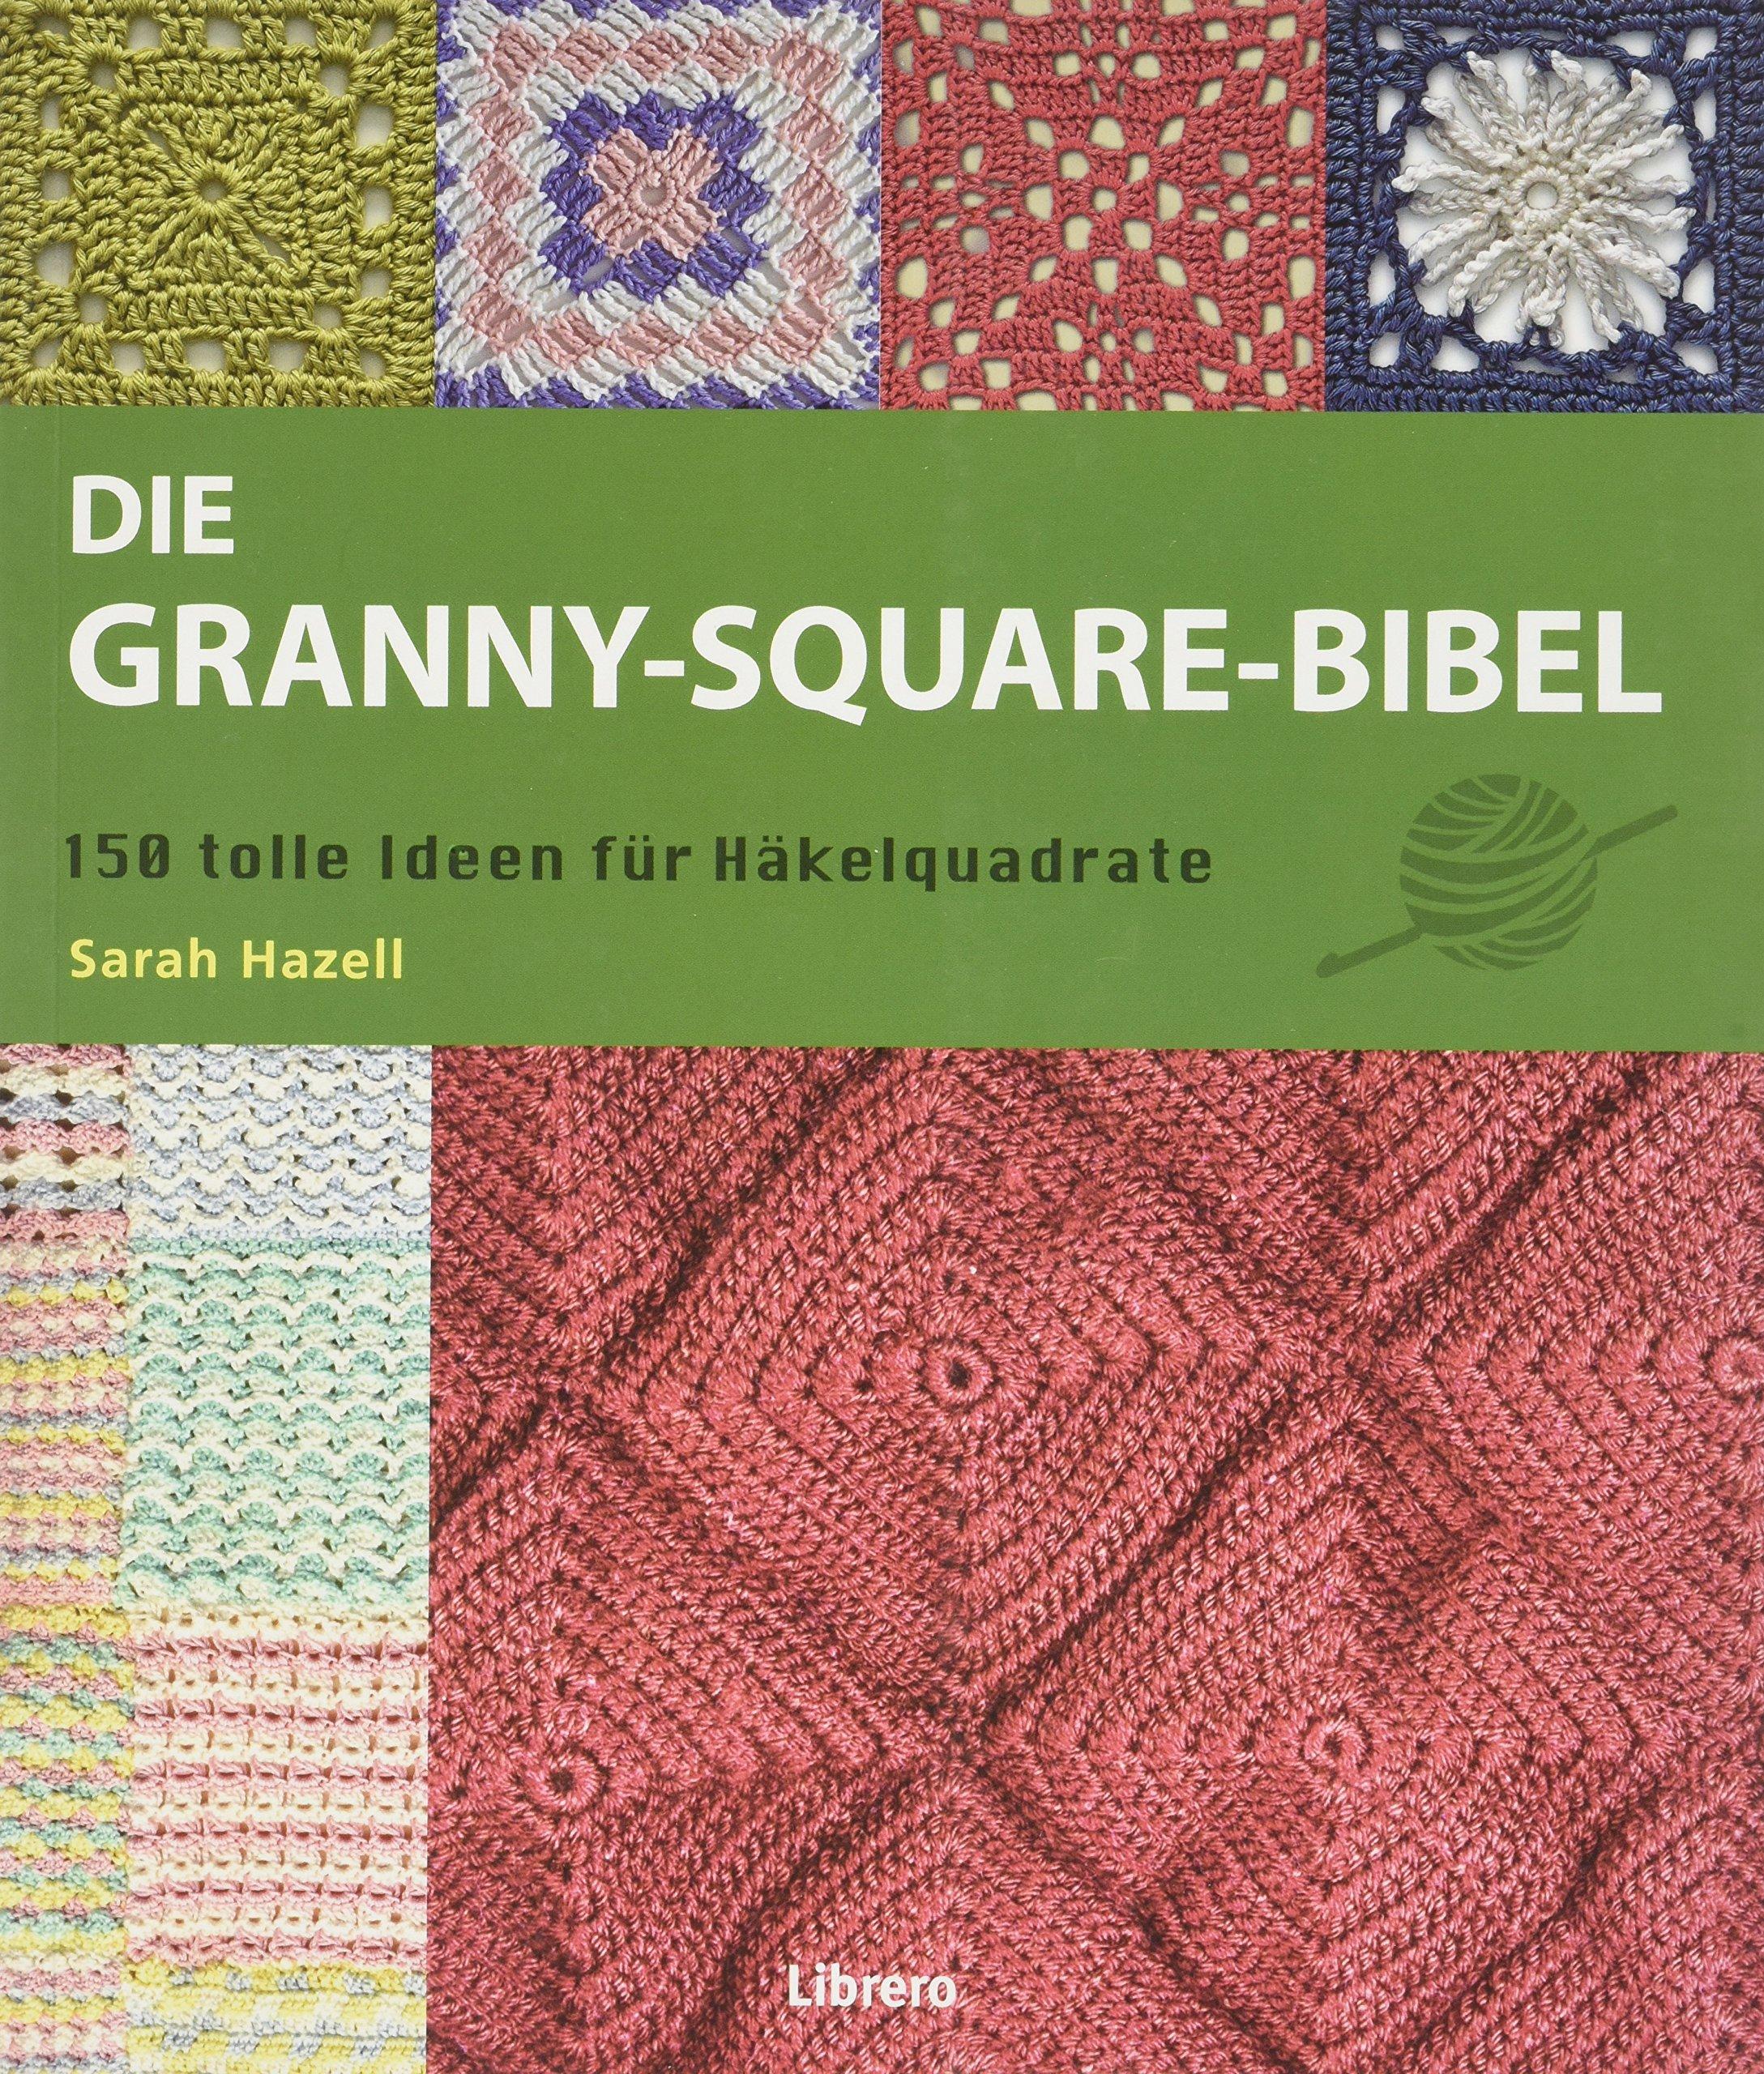 Die Granny-Square Bibel: 158 tolle Ideen für Häkelquadrate